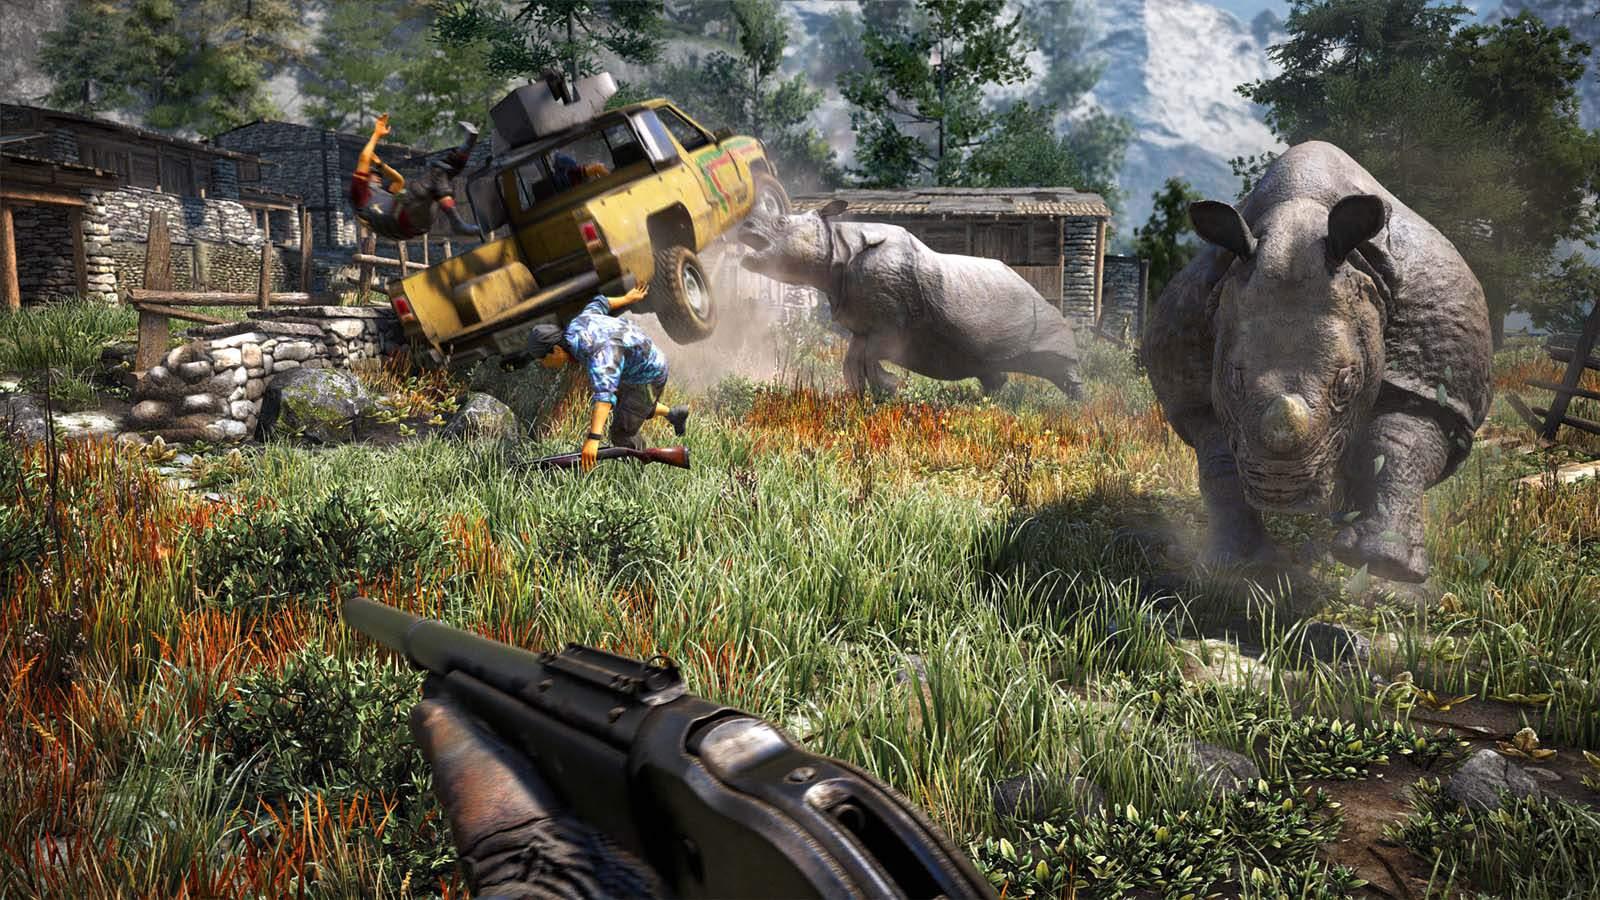 تحميل لعبة الاكشن والاثارة الممتعة Far Cry 4 النسخة الكاملة مضغوطة برابط واحد سريع جدا Far%2BCry%2B4%2BFull%2BPC%2BGame%2BDownload%2BFree%2BHighly%2BCompressed